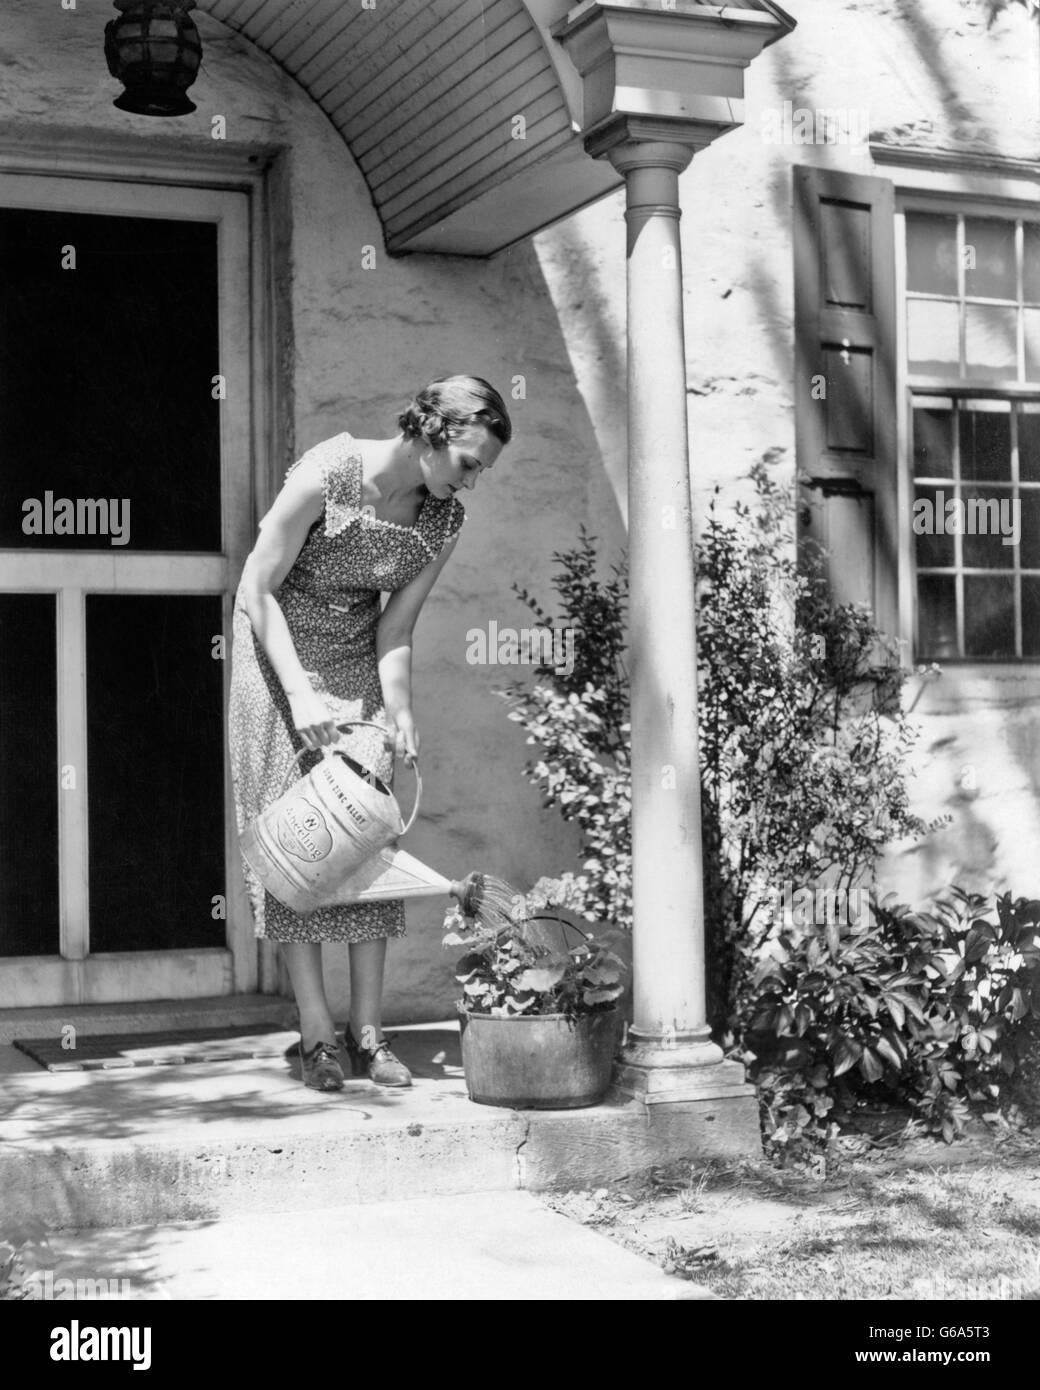 1930 Vestido de mujer vistiendo imprimir planta en maceta de riego con regadera EN FRENTE DE LA CASA STOOP Imagen De Stock